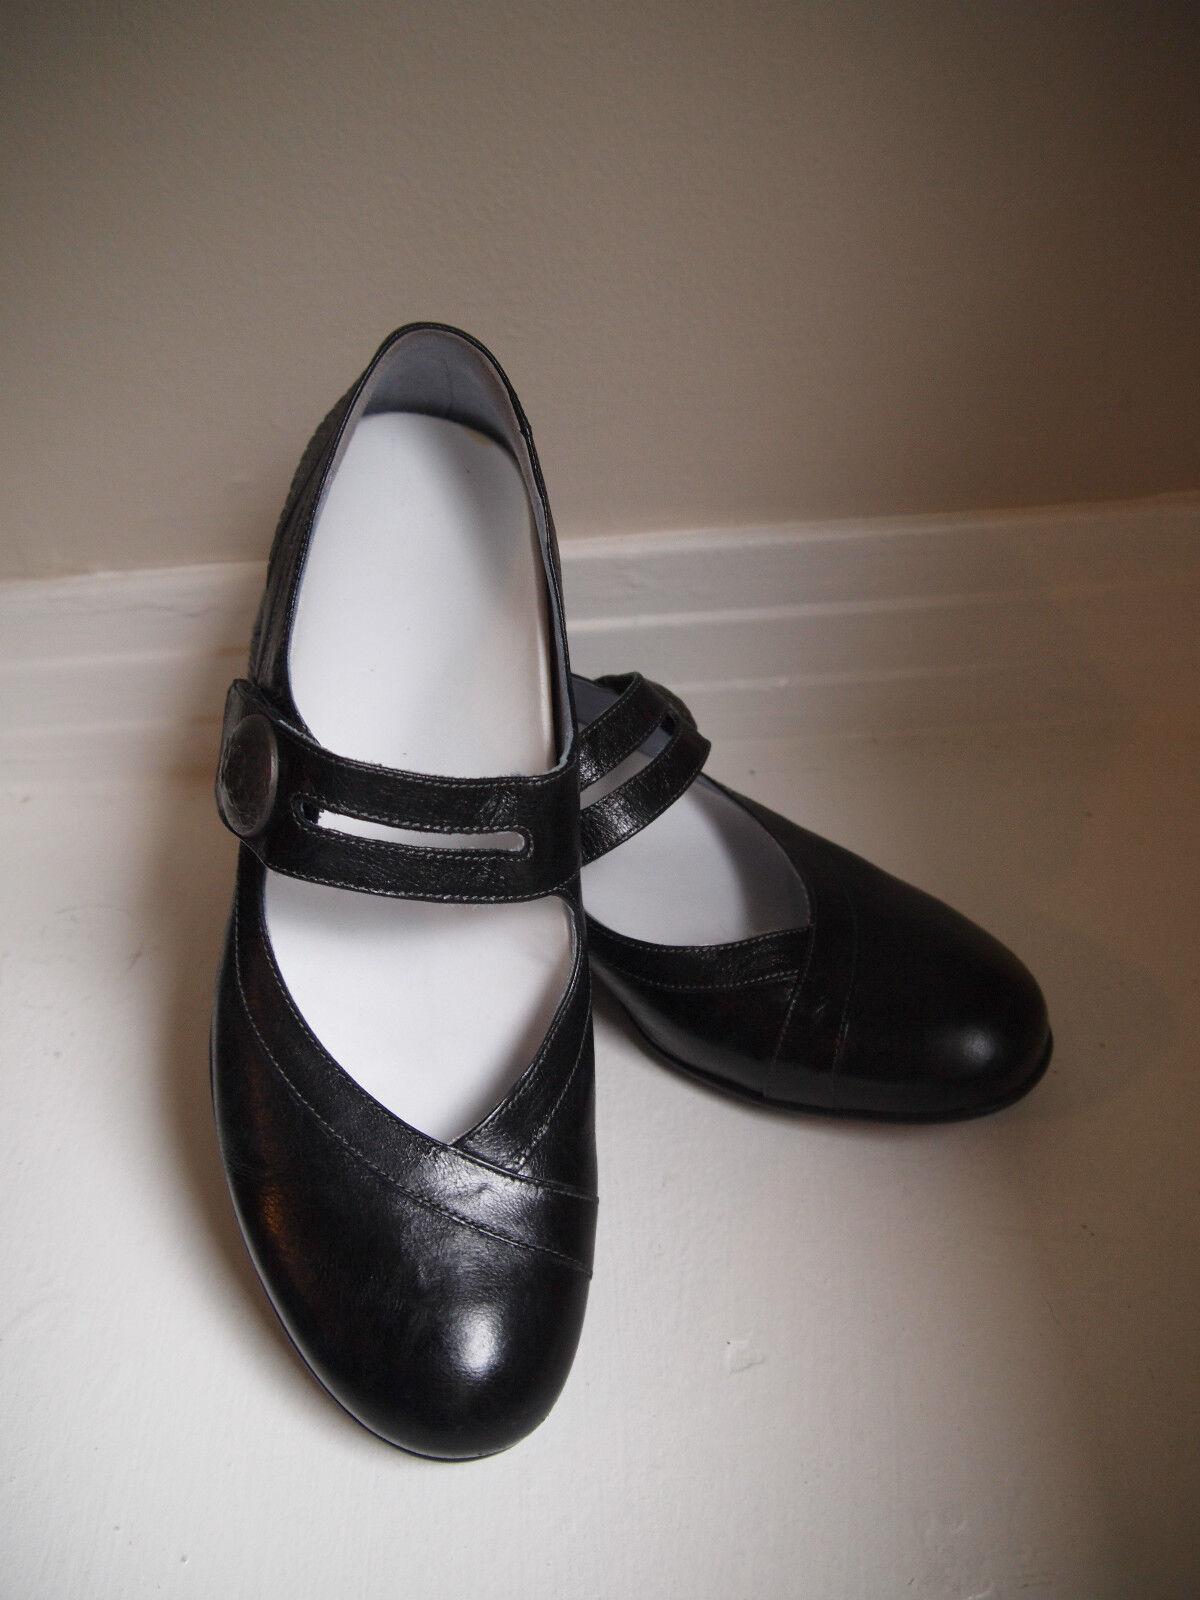 Para Mujer Zapatos durea Chloe Chloe Negro Negro Negro Talla 9.5 EE. UU. 7 1 2 Reino Unido